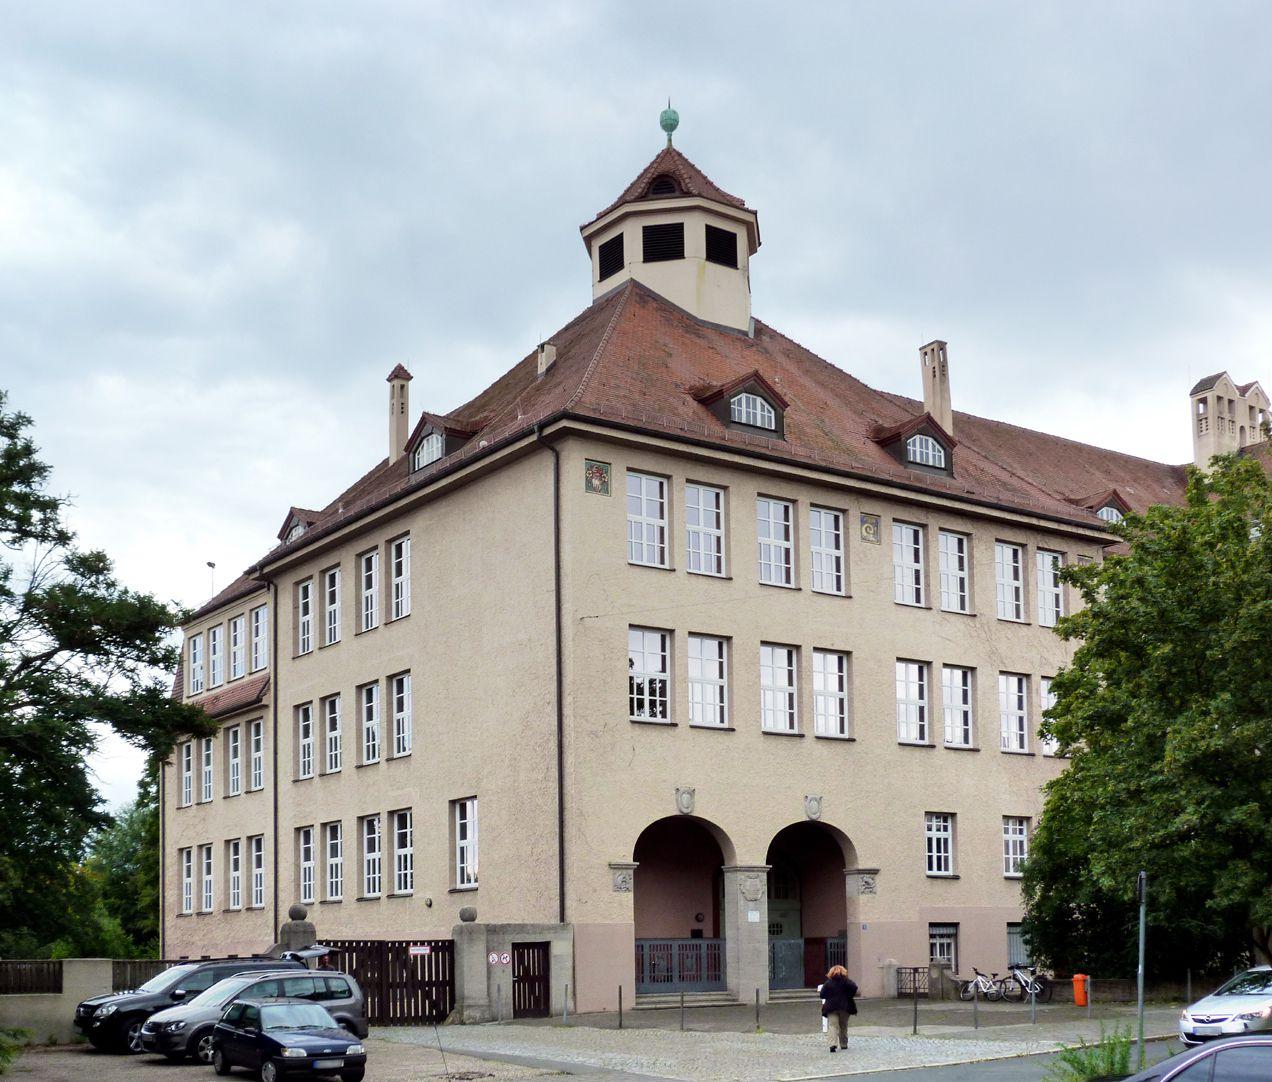 Georg-Paul-Amberger-Schule Eckbau, Eingang, Ansicht von Norden